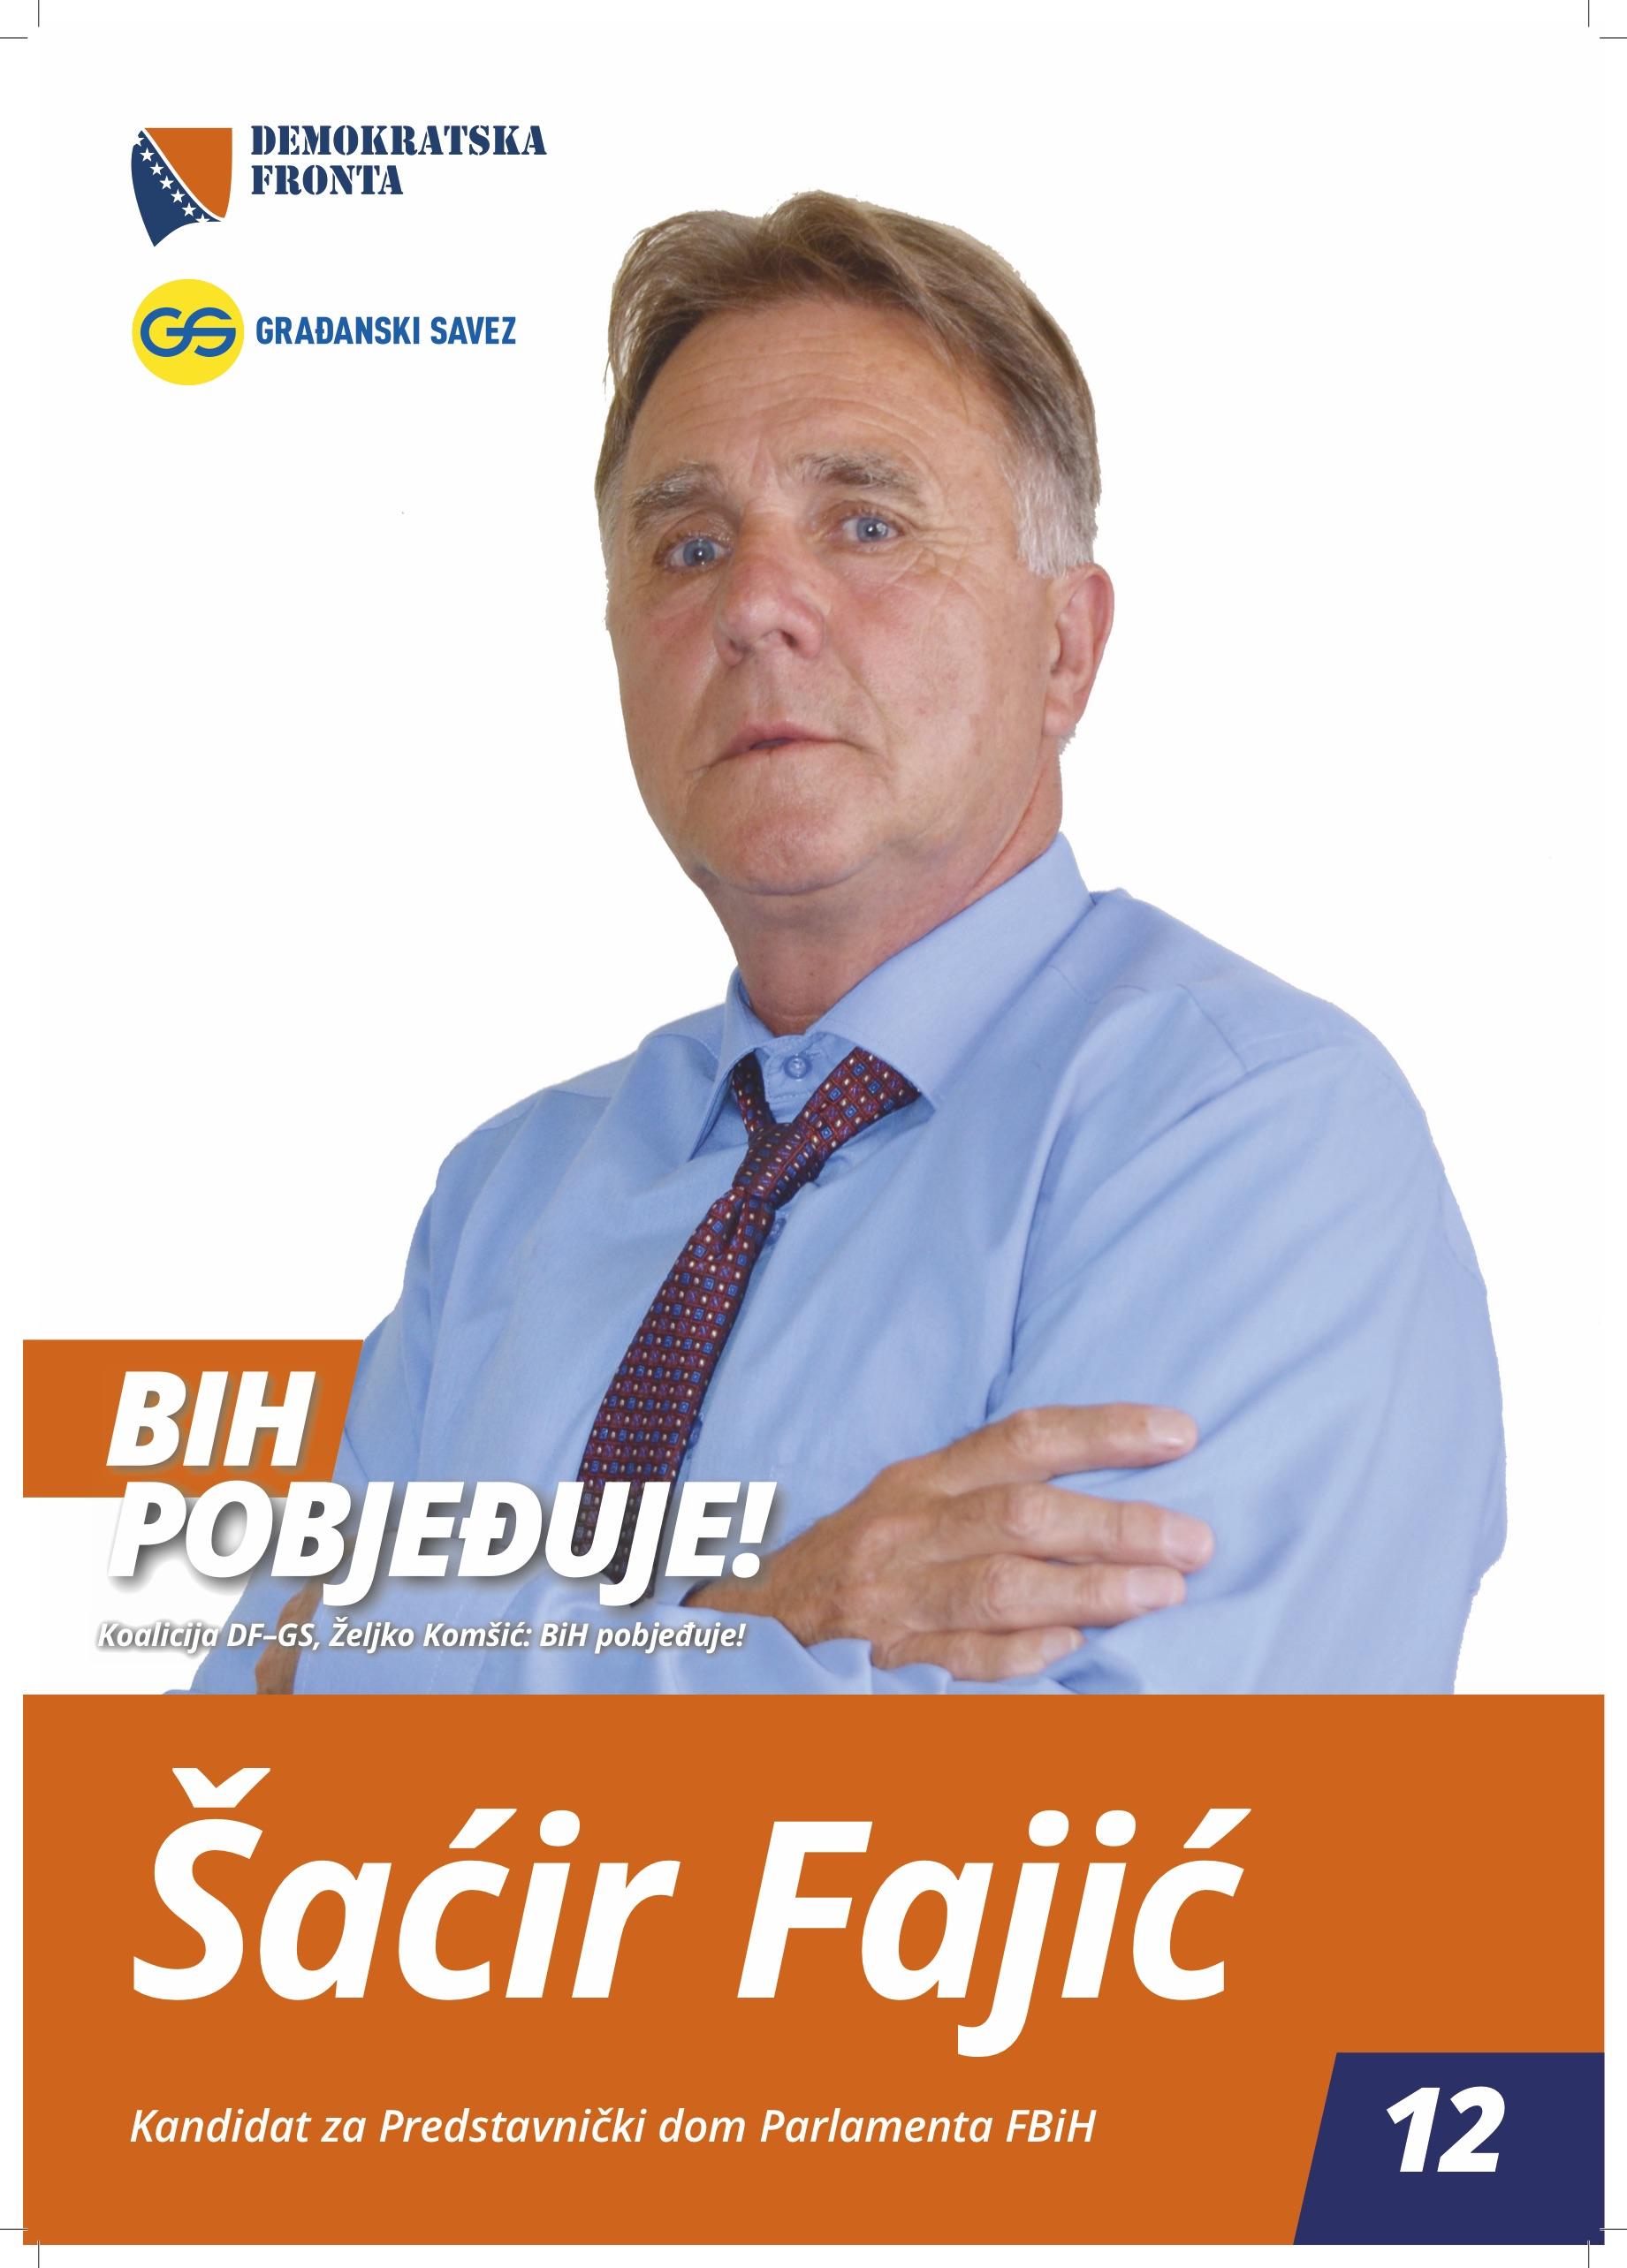 Šaćir Fajić, diplomirani ekonomista